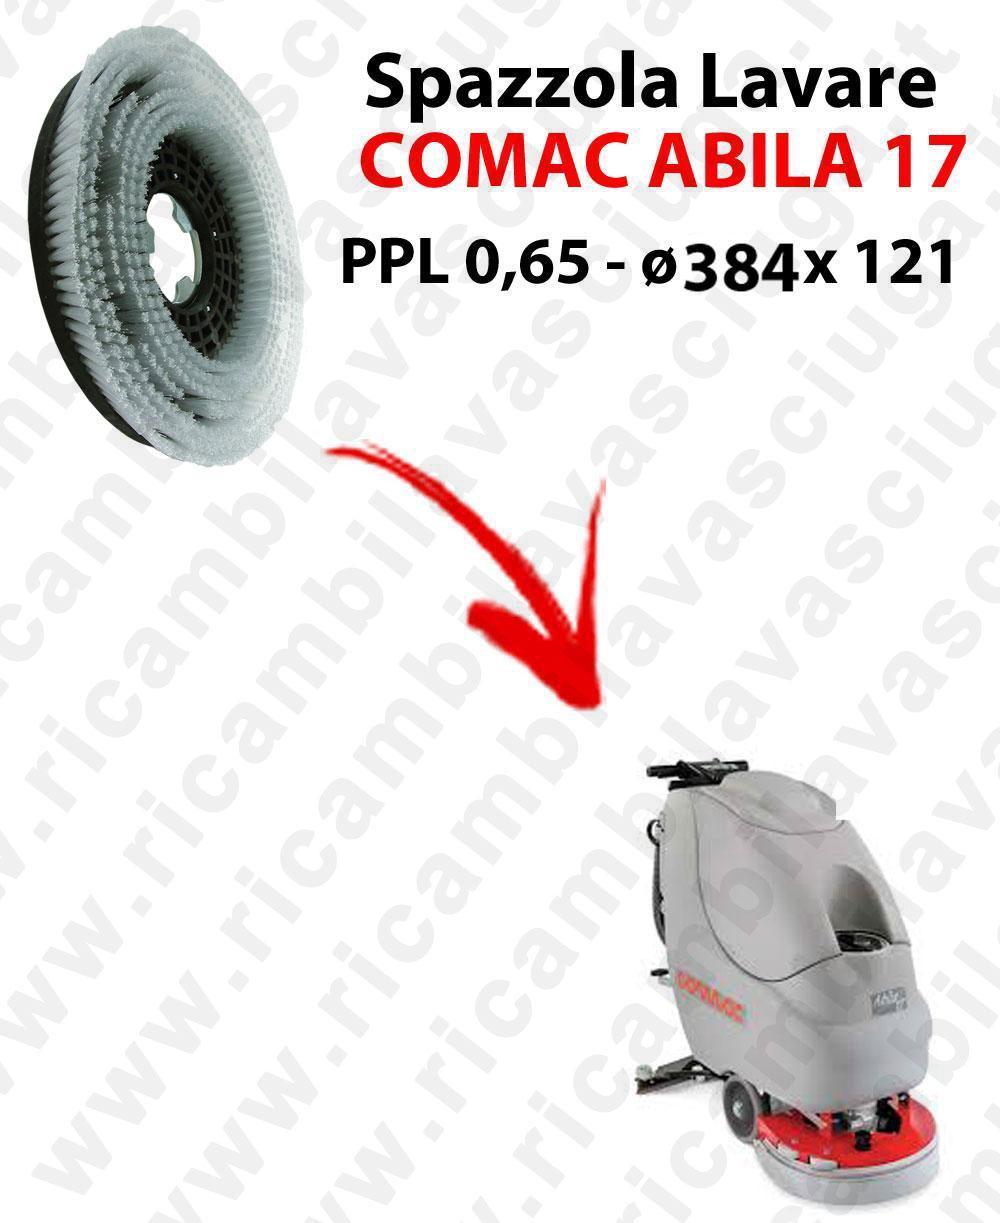 BROSSE A LAVER pour autolaveuses COMAC ABILA 17. Reference: PPL 0,65  diamétre 384 X 121